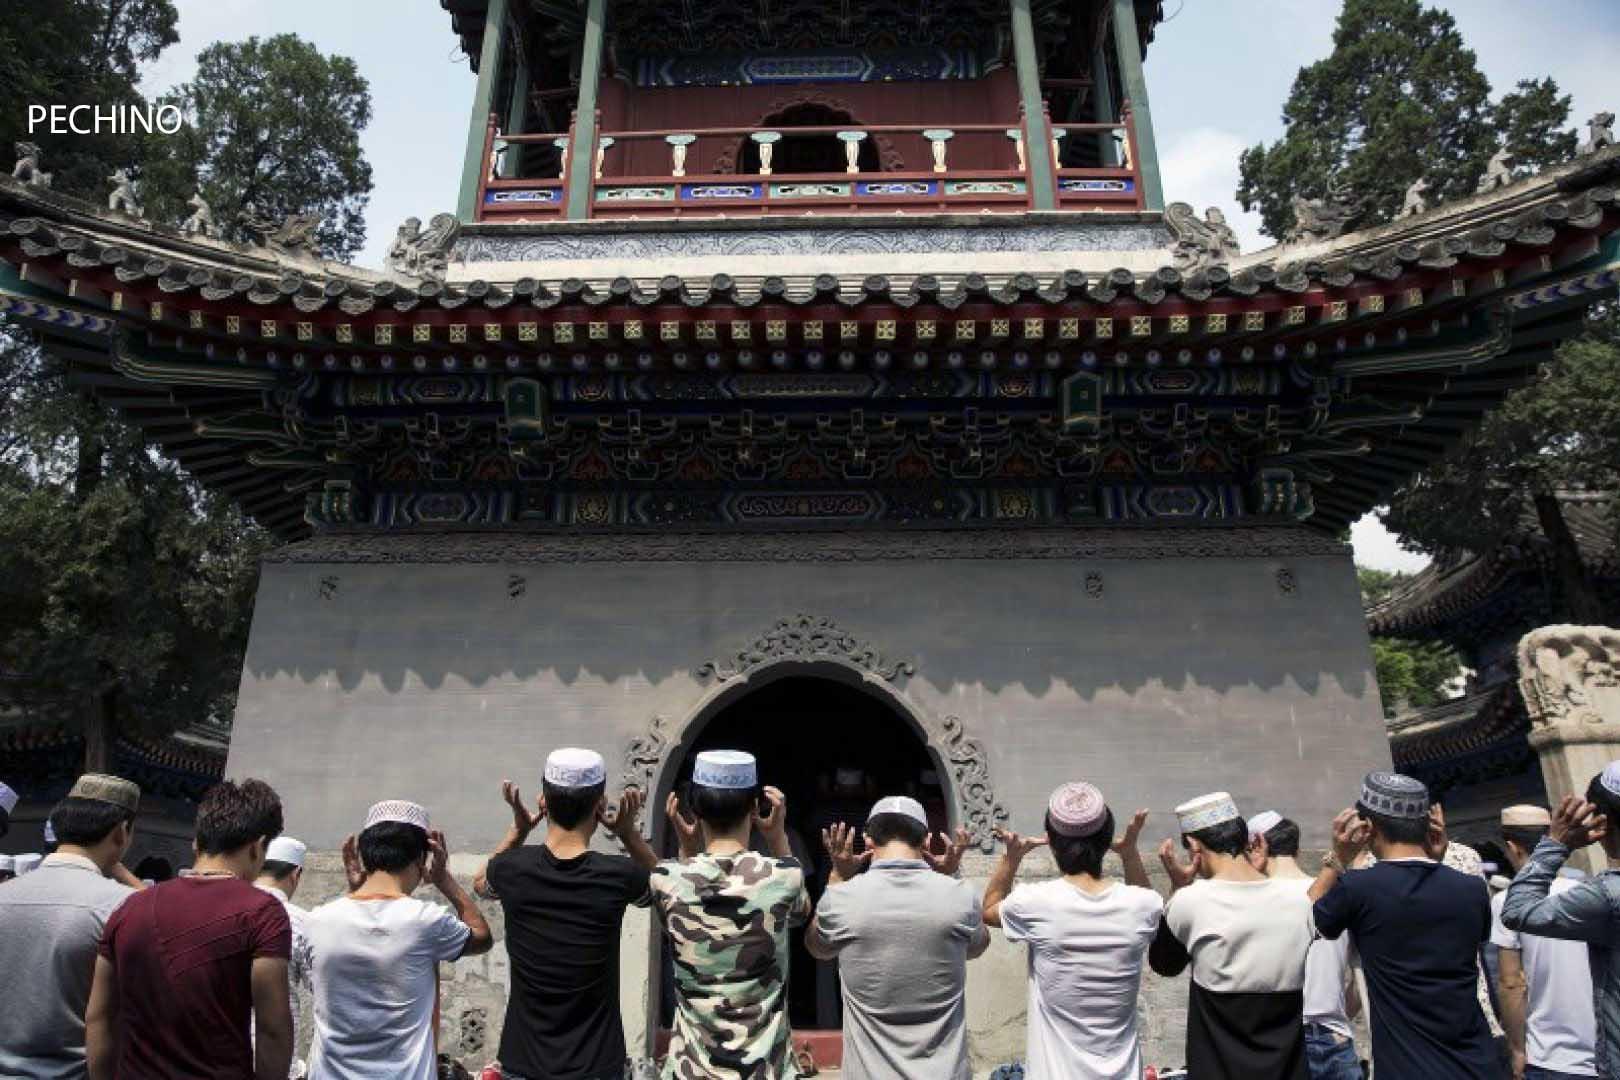 Pechino2